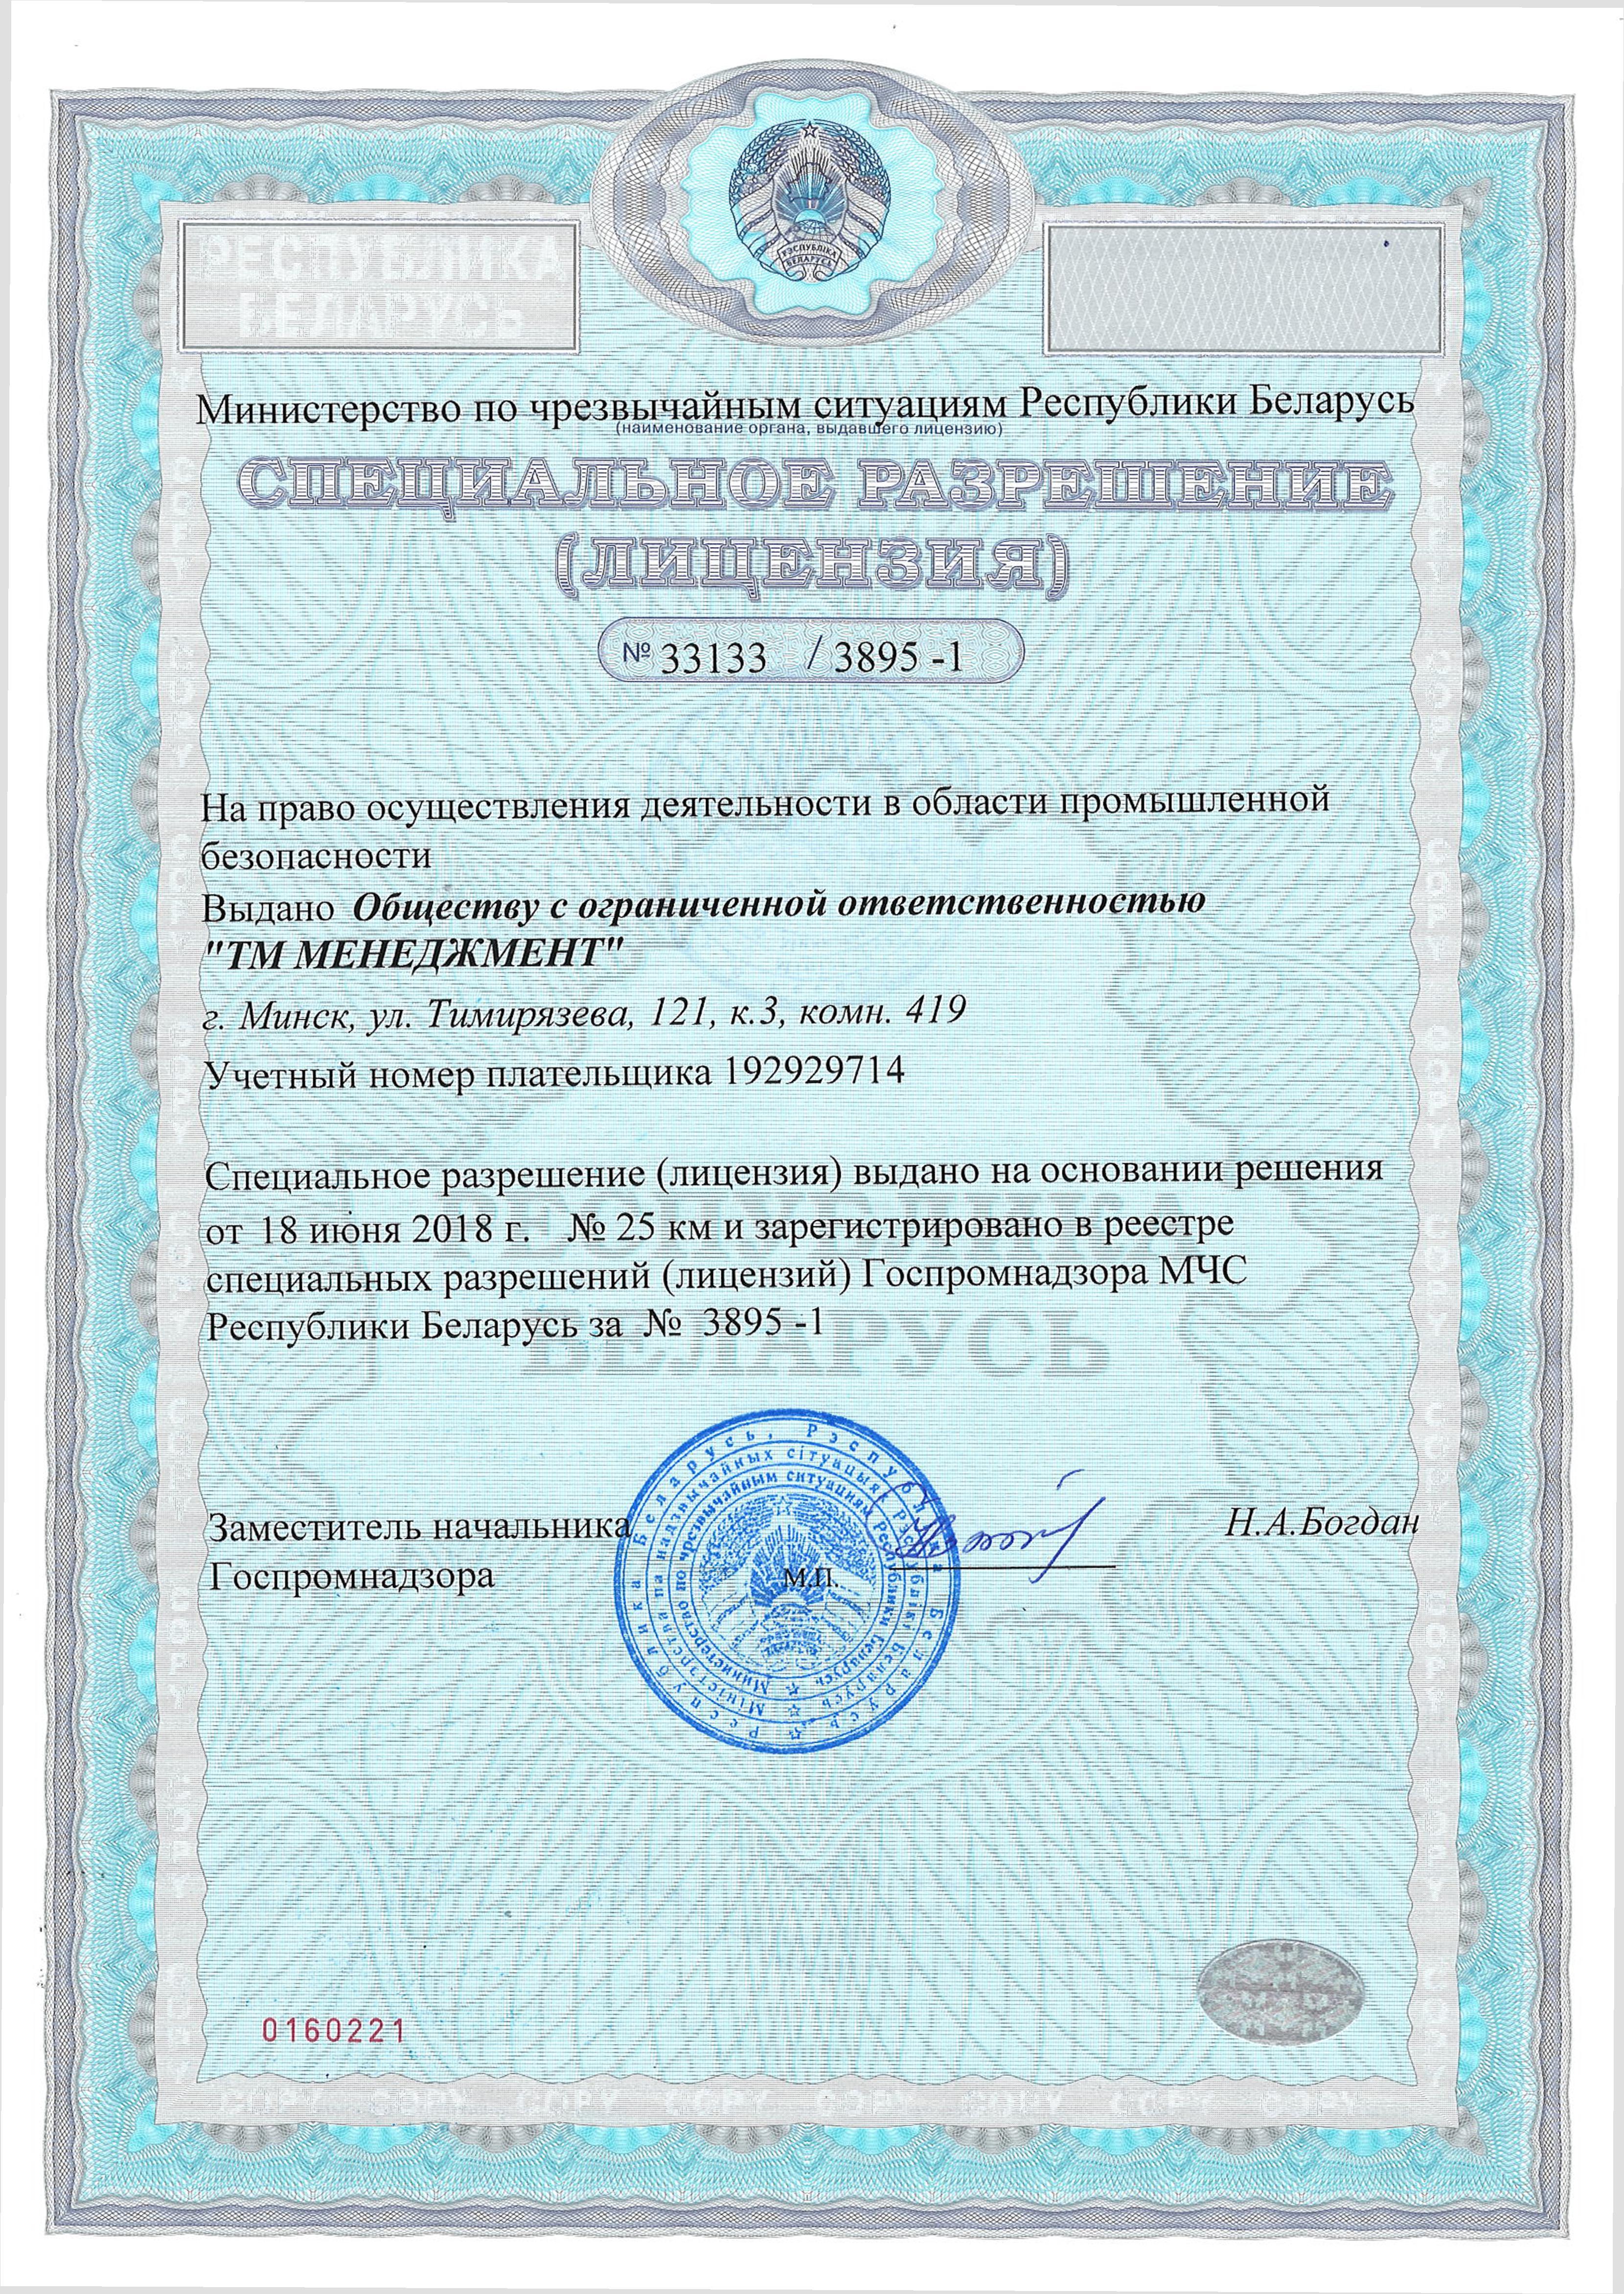 Лицензия ТМ МЕНЕДЖМЕНТ